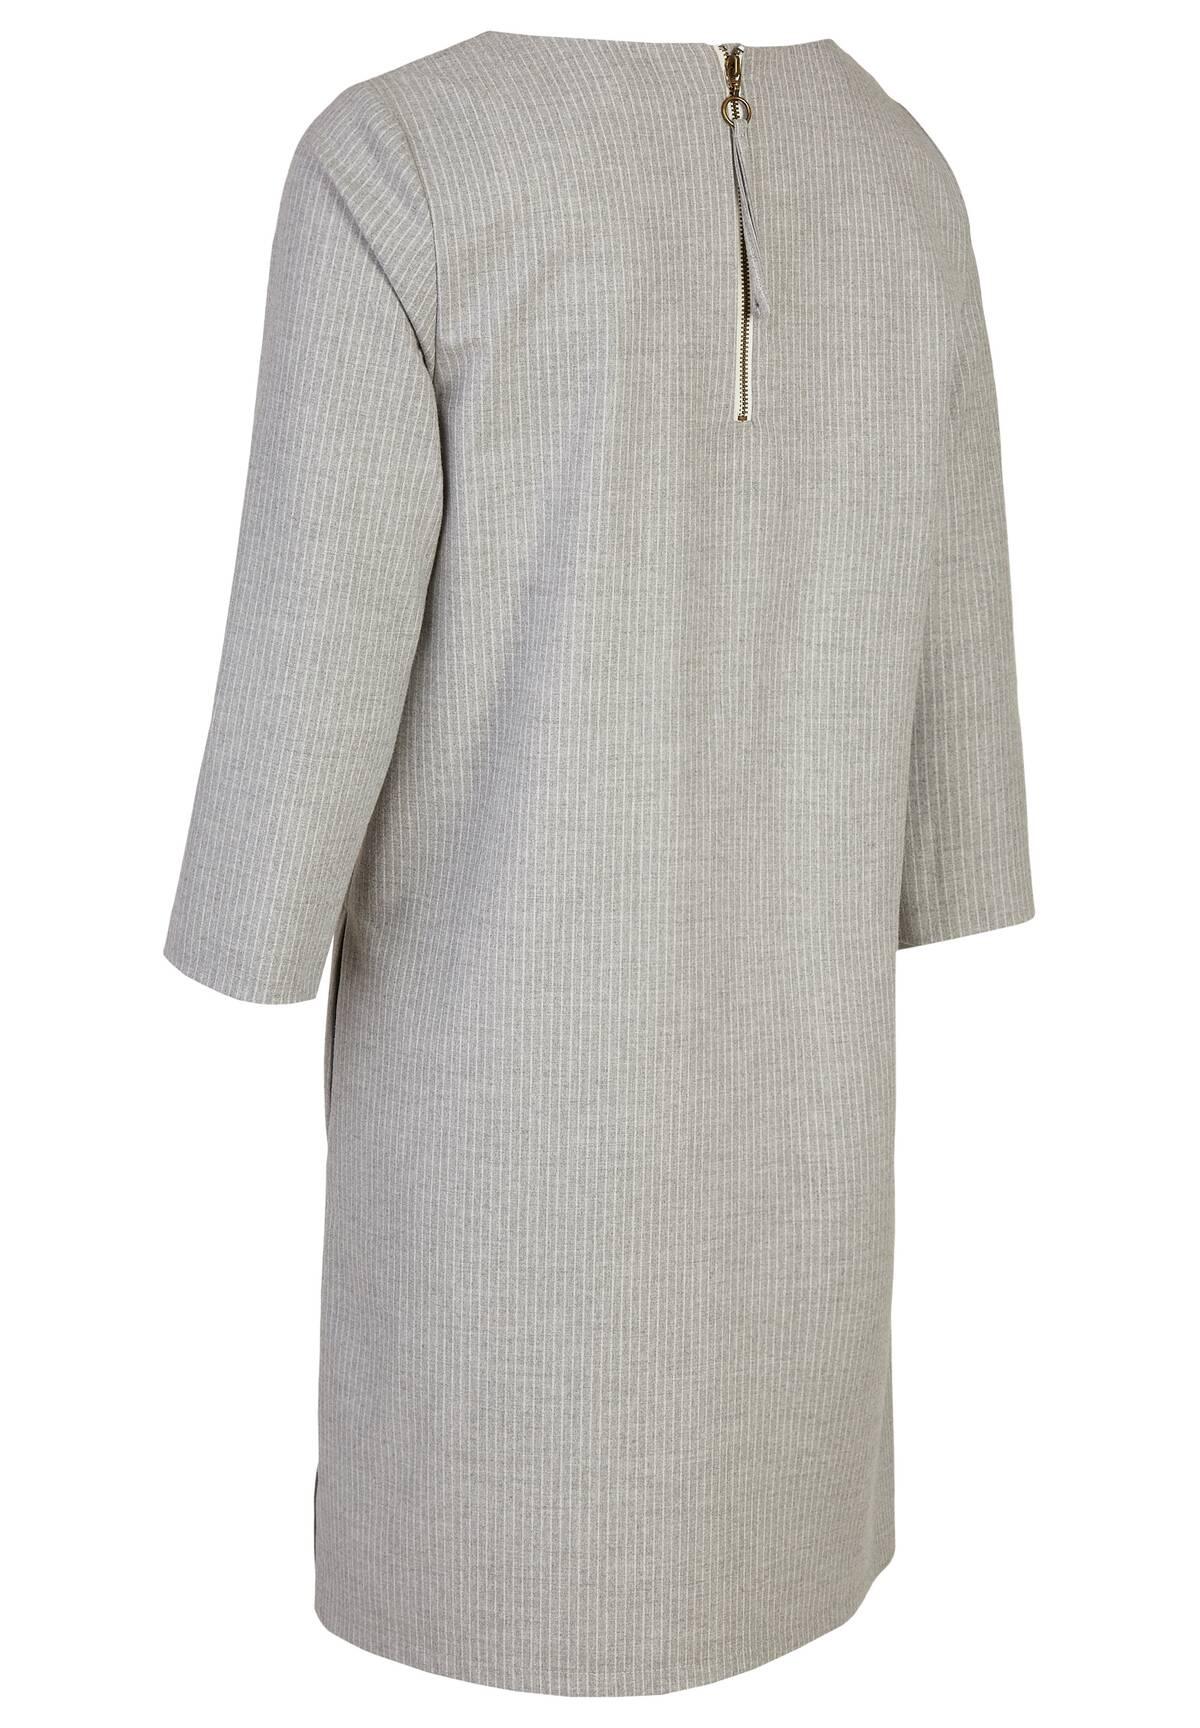 Modernes Kleid mit Rundhalskragen / Dress